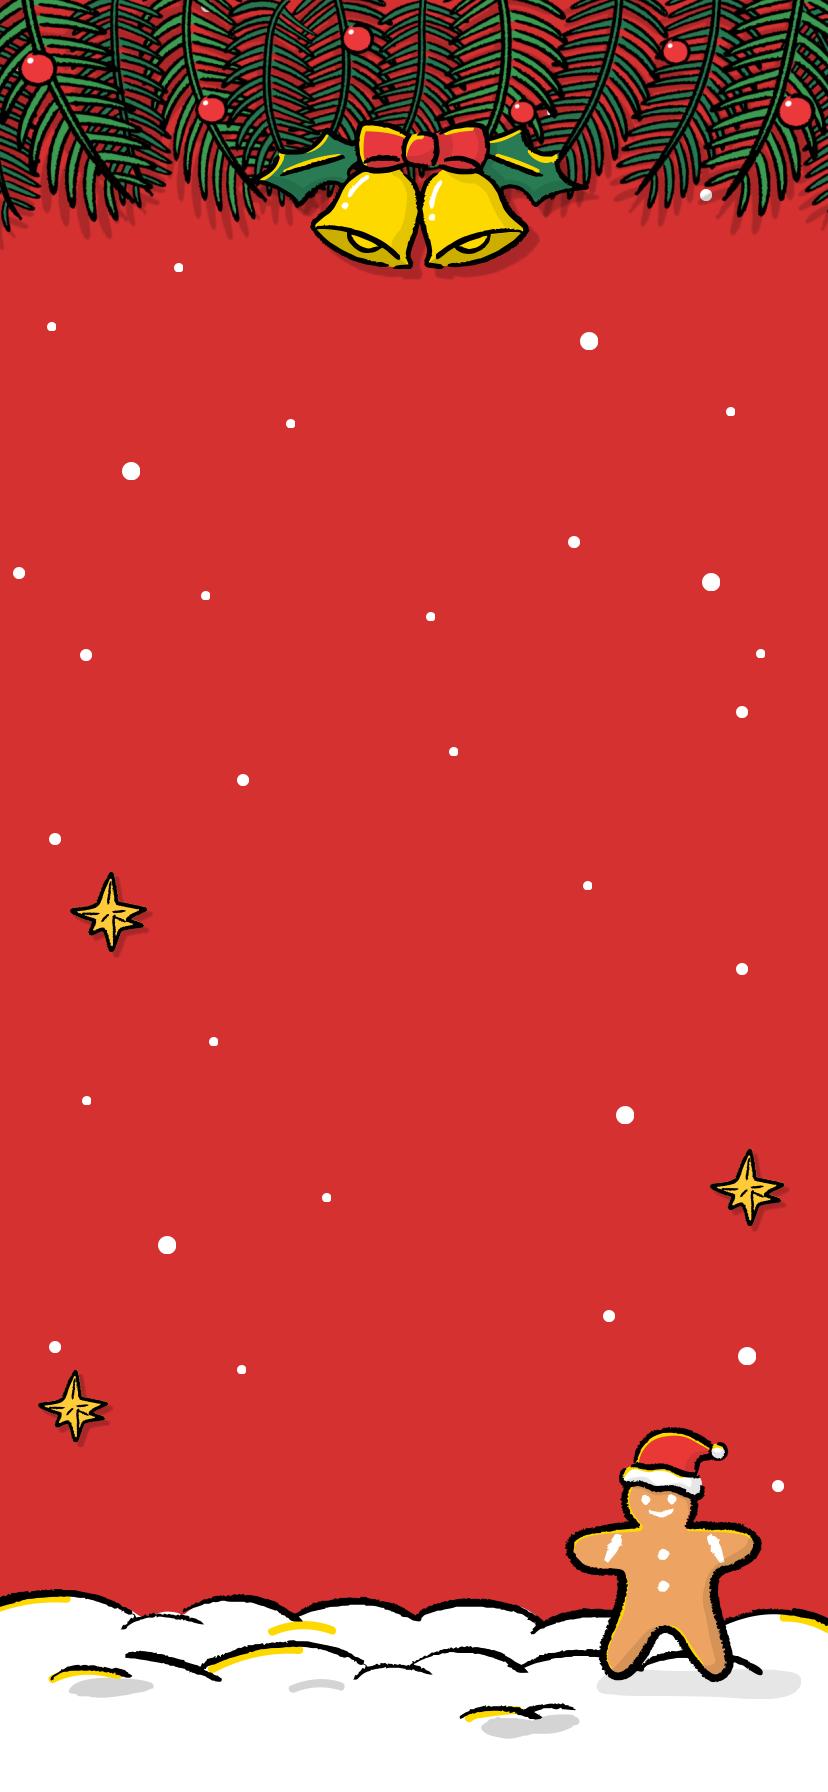 귀여운 아이폰11 Pro 고화질 크리스마스 배경화면 이미지 만들기 크리스마스 배경화면 배경화면 귀여운 크리스마스 배경화면